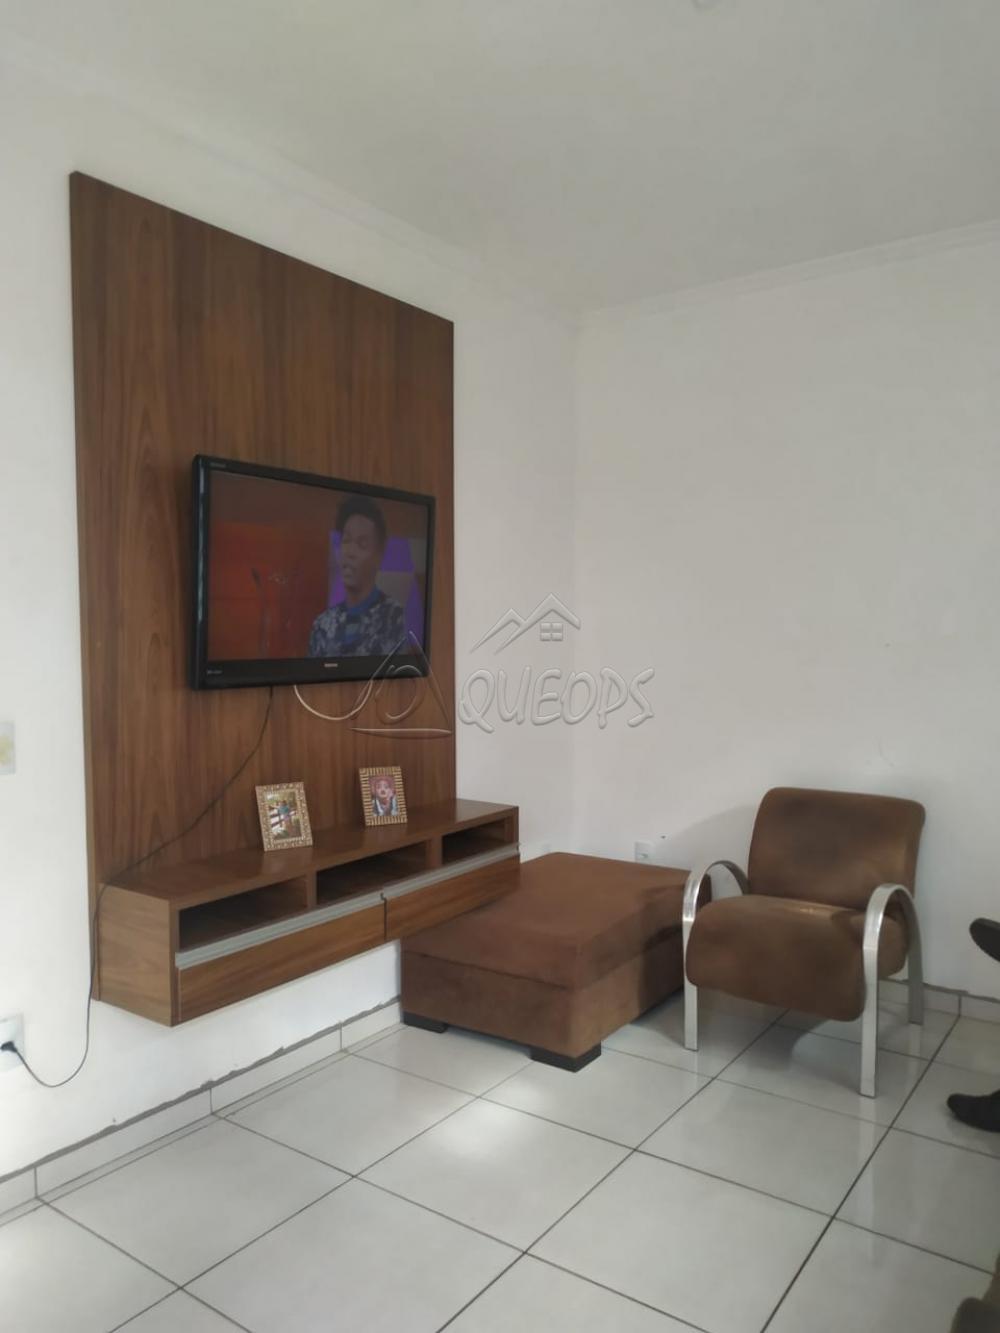 Comprar Casa / Padrão em Barretos apenas R$ 280.000,00 - Foto 6